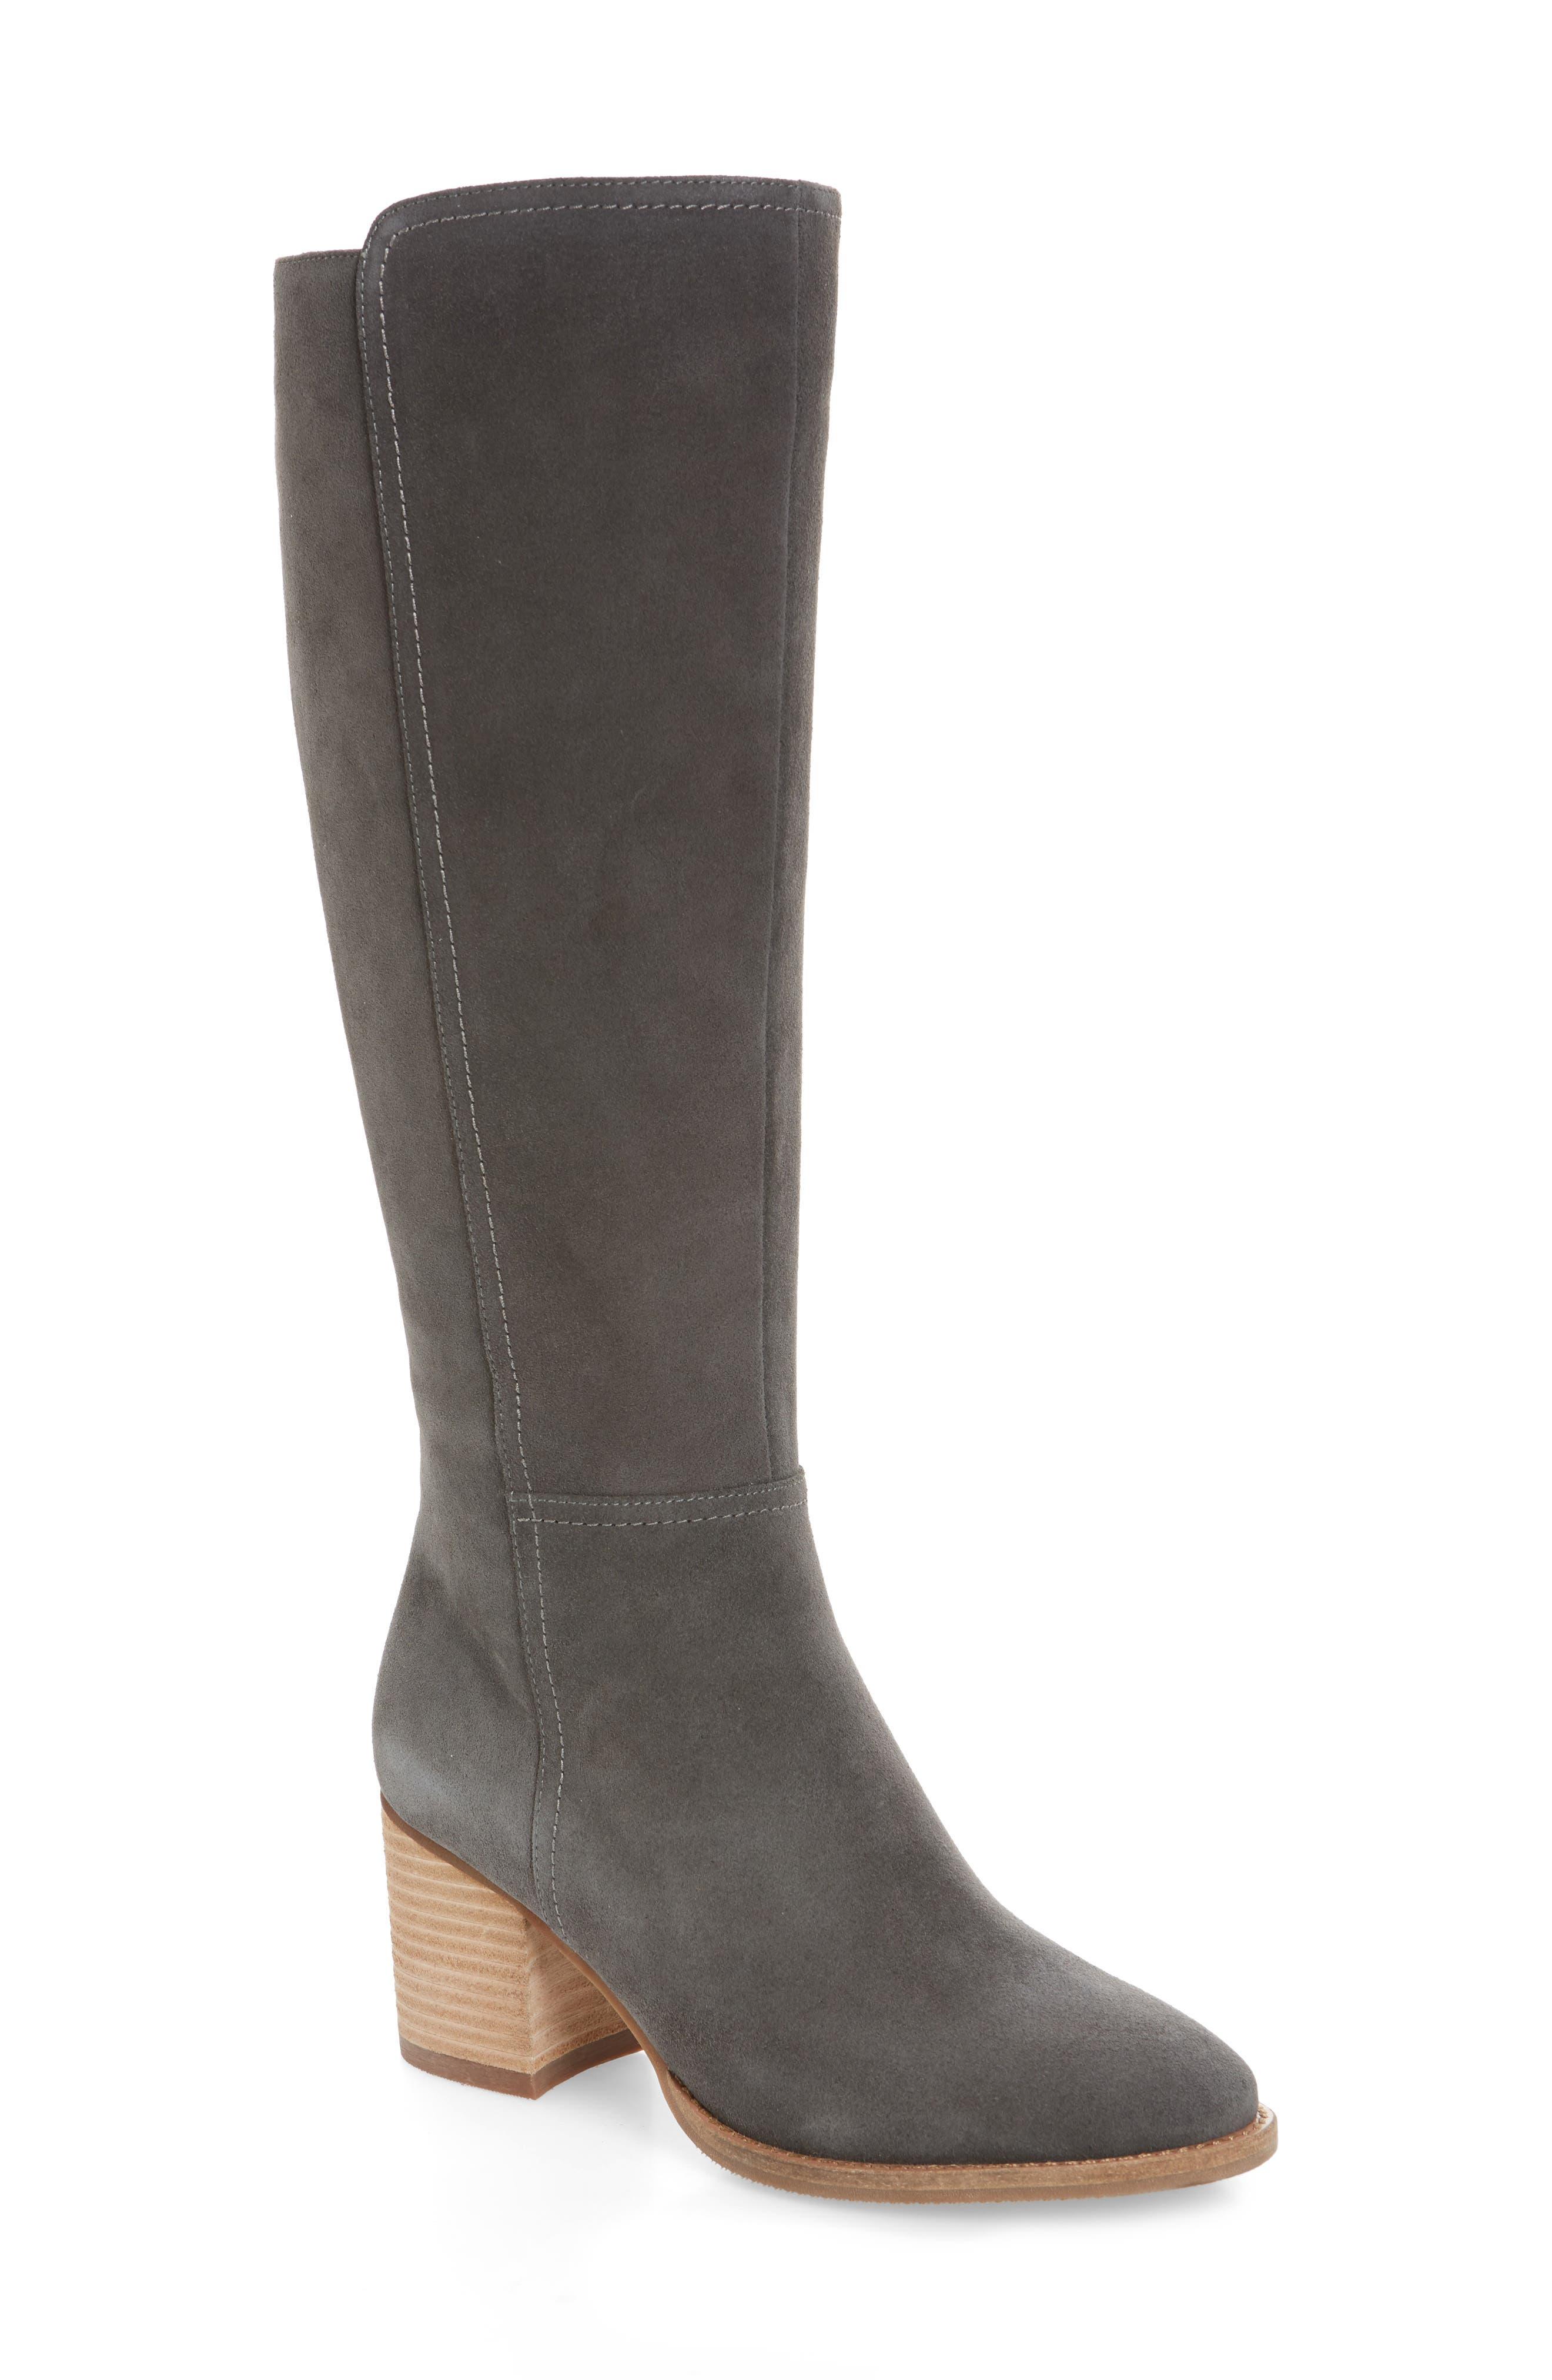 Blondo Noreen Waterproof Knee High Boot (Women)